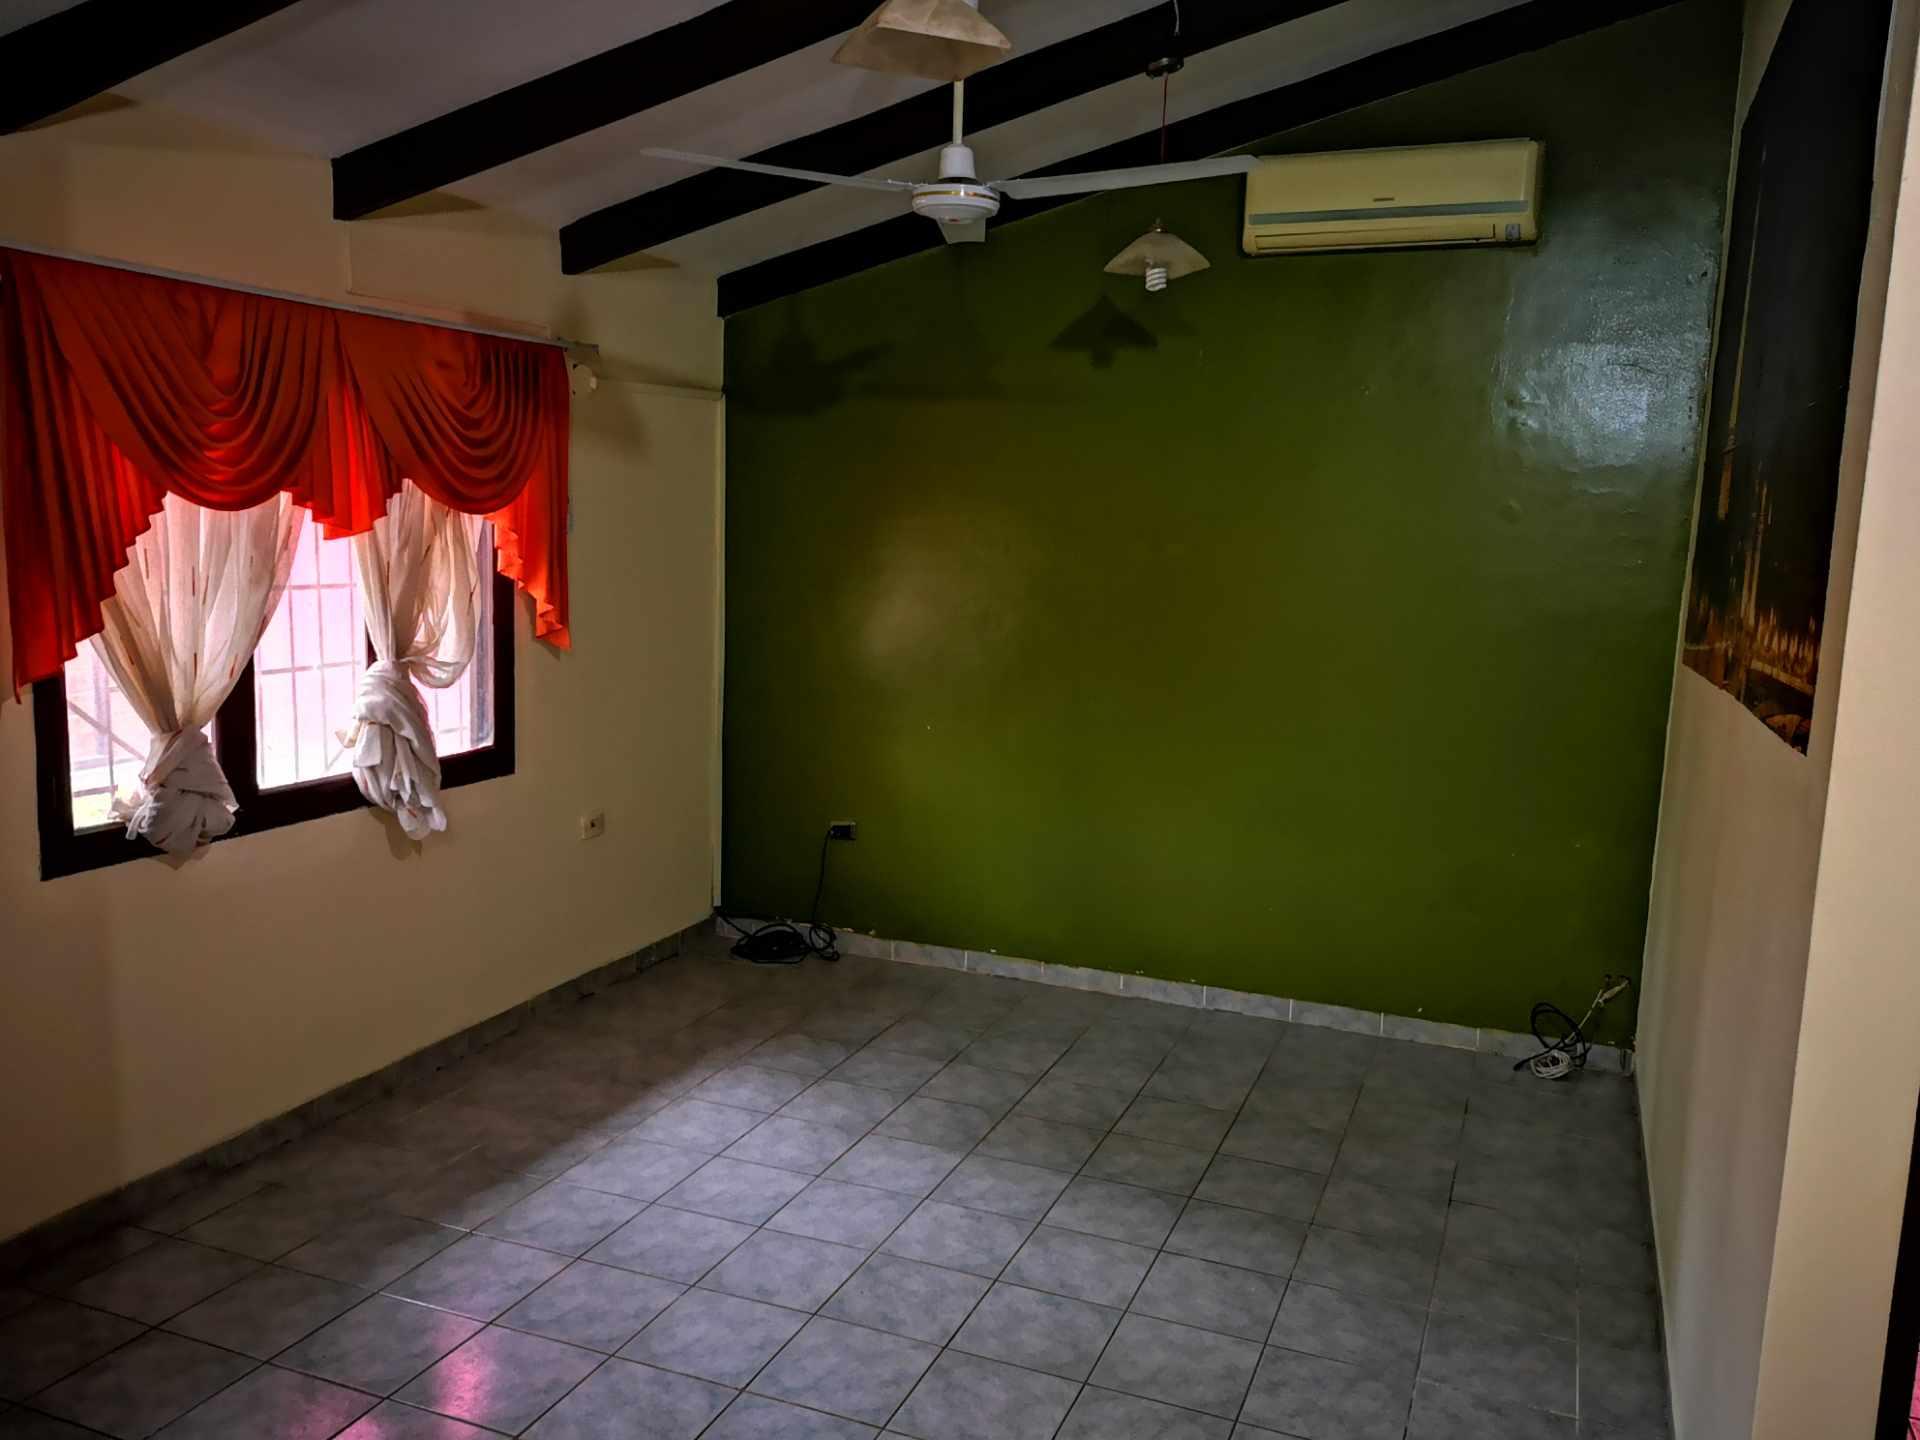 Casa en Alquiler Entre 4to y 5to anilo, entre Radial 10 y Av Sudamericana Calle Asoka Foto 10